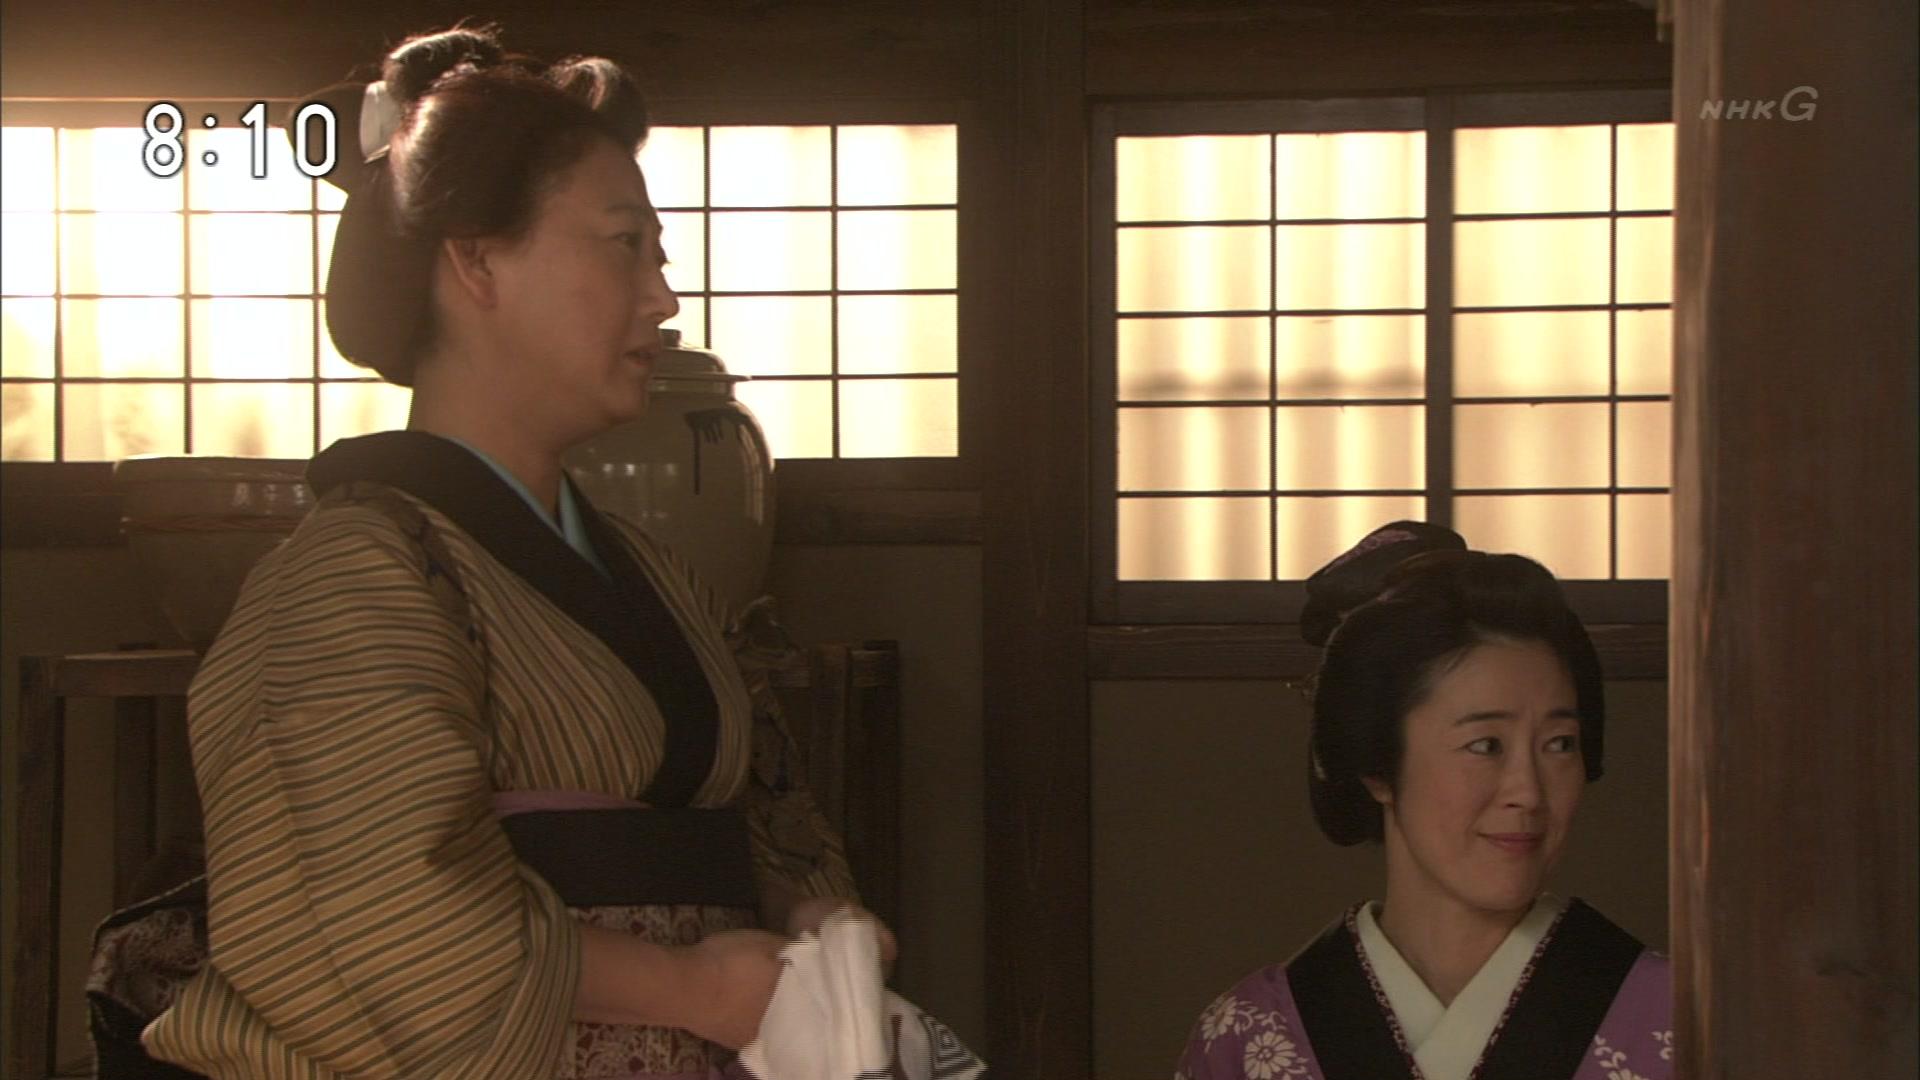 2015-10-06 08:00 連続テレビ小説 あさが来た(8)「ふたつの花びら」 1845